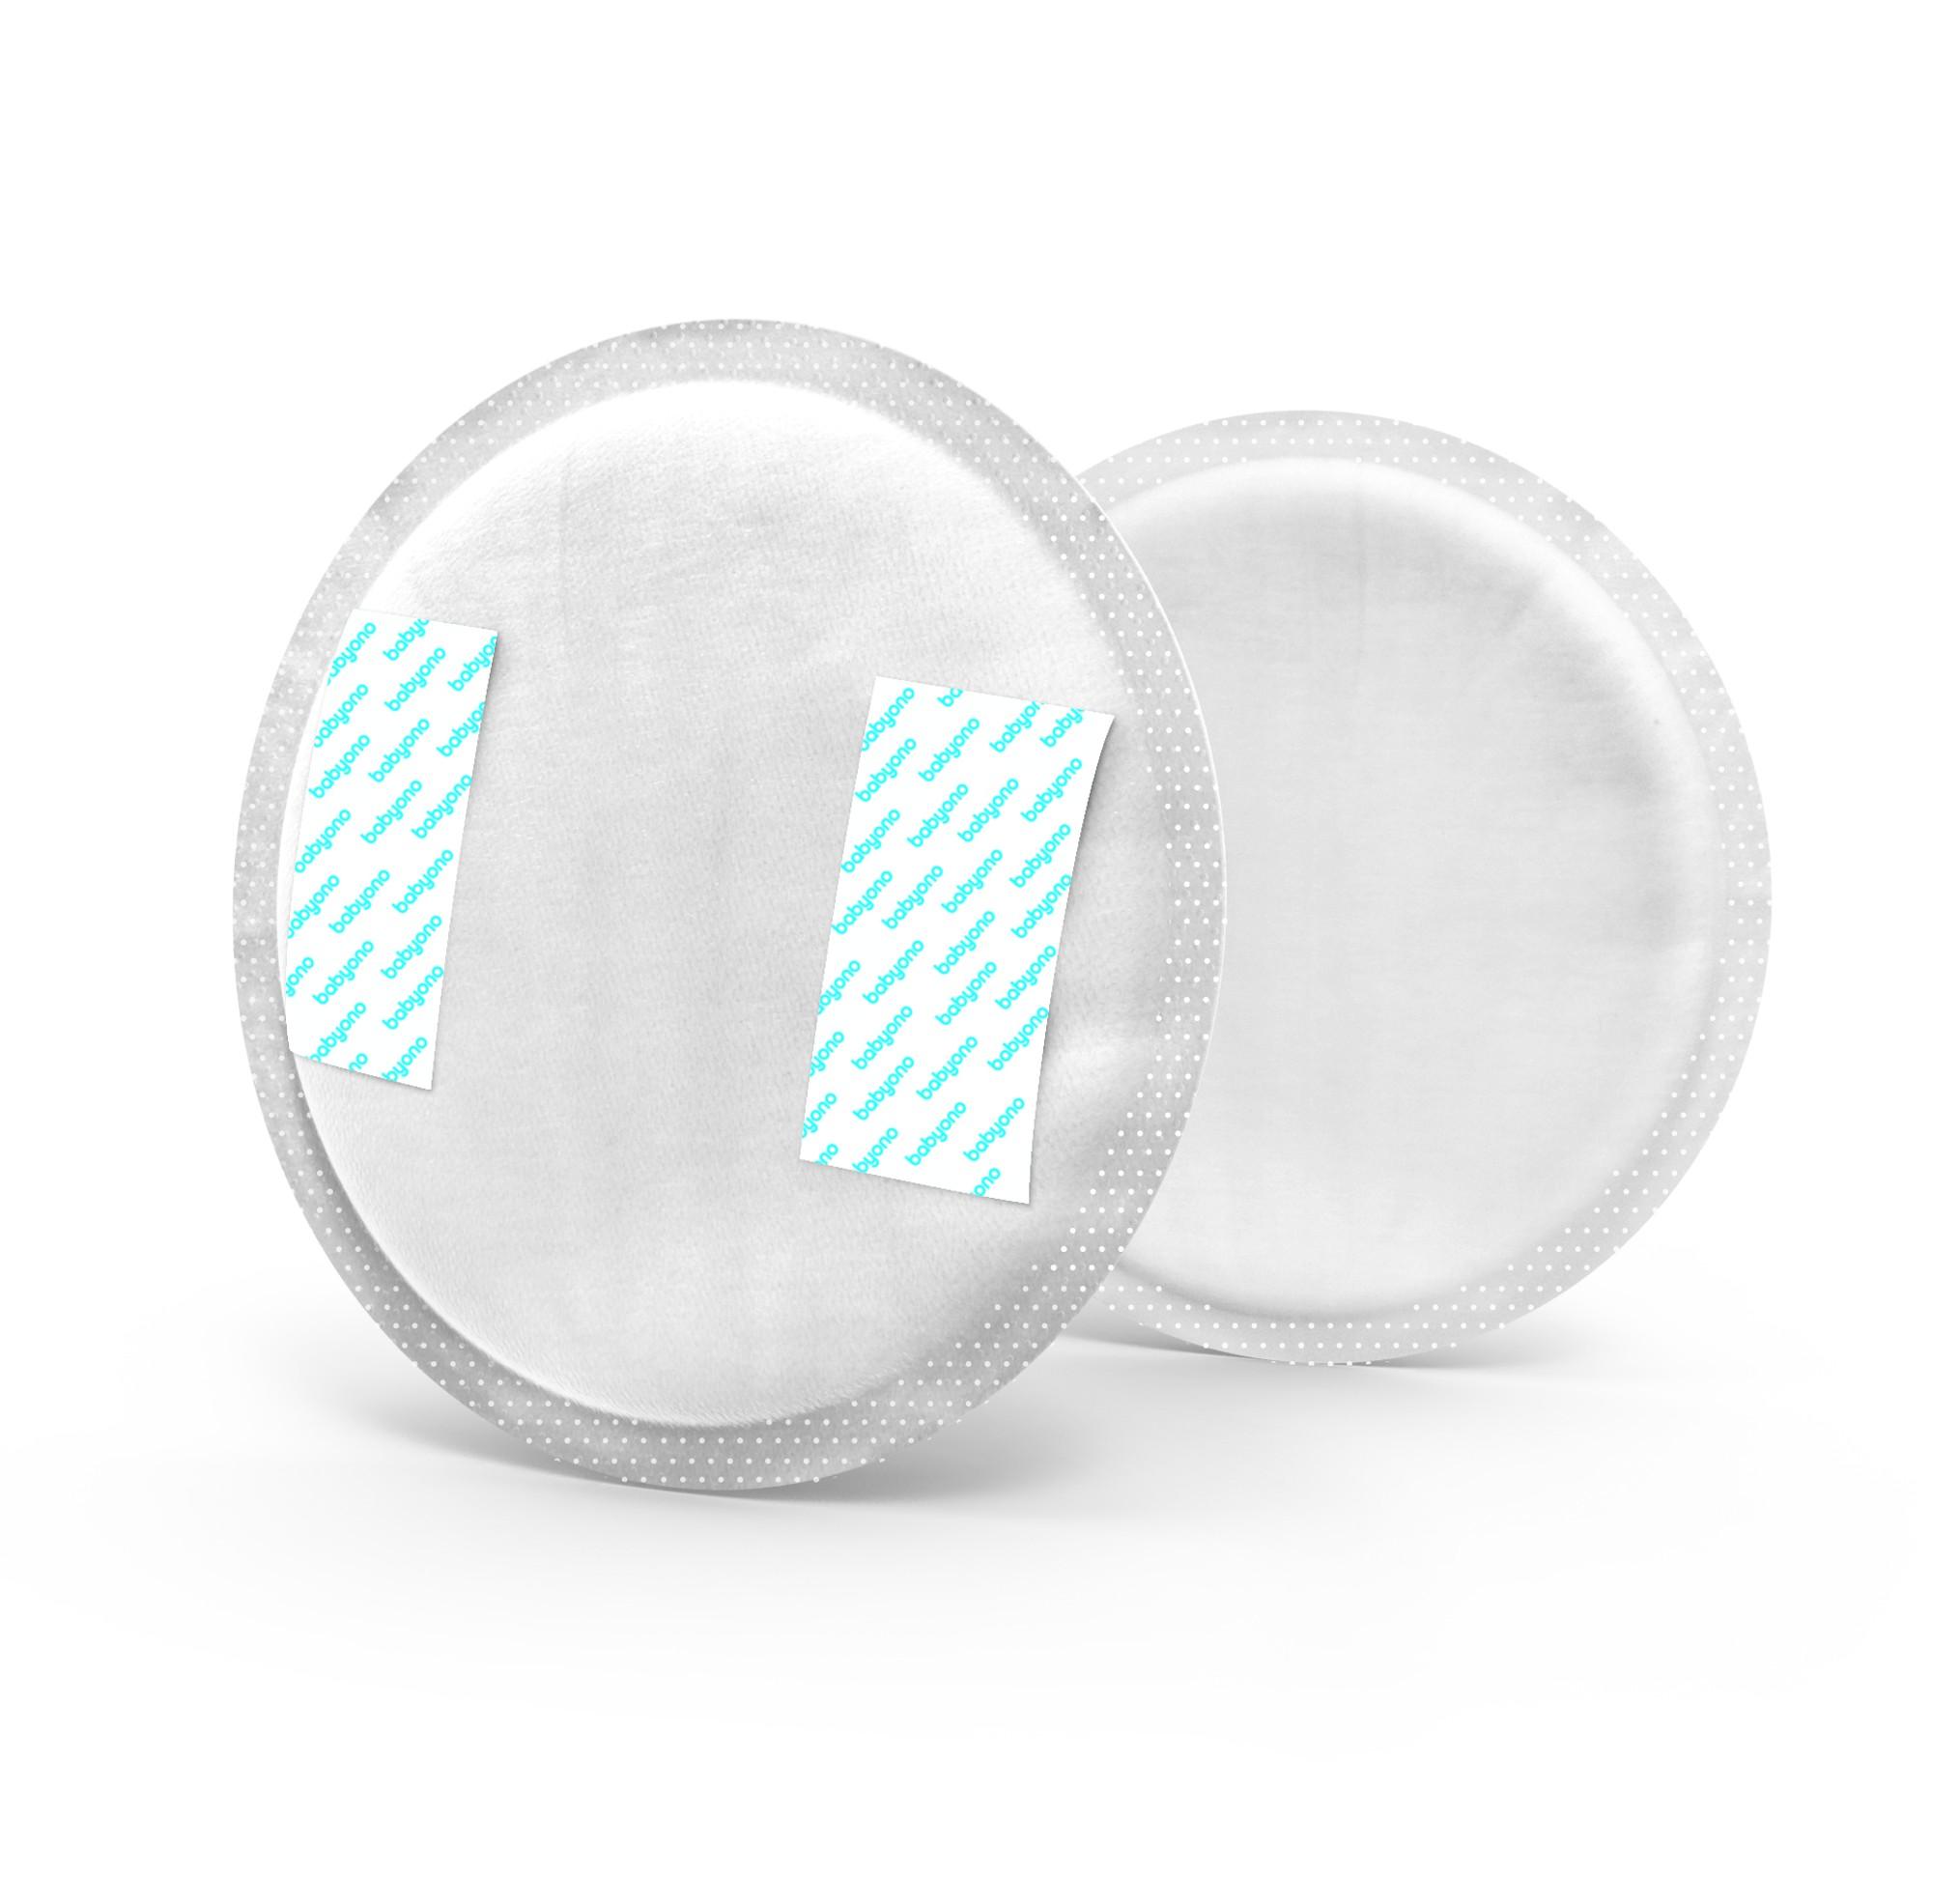 Vložky do podprsenky antibakteriálne 100 ks + 40 ks zadarmo